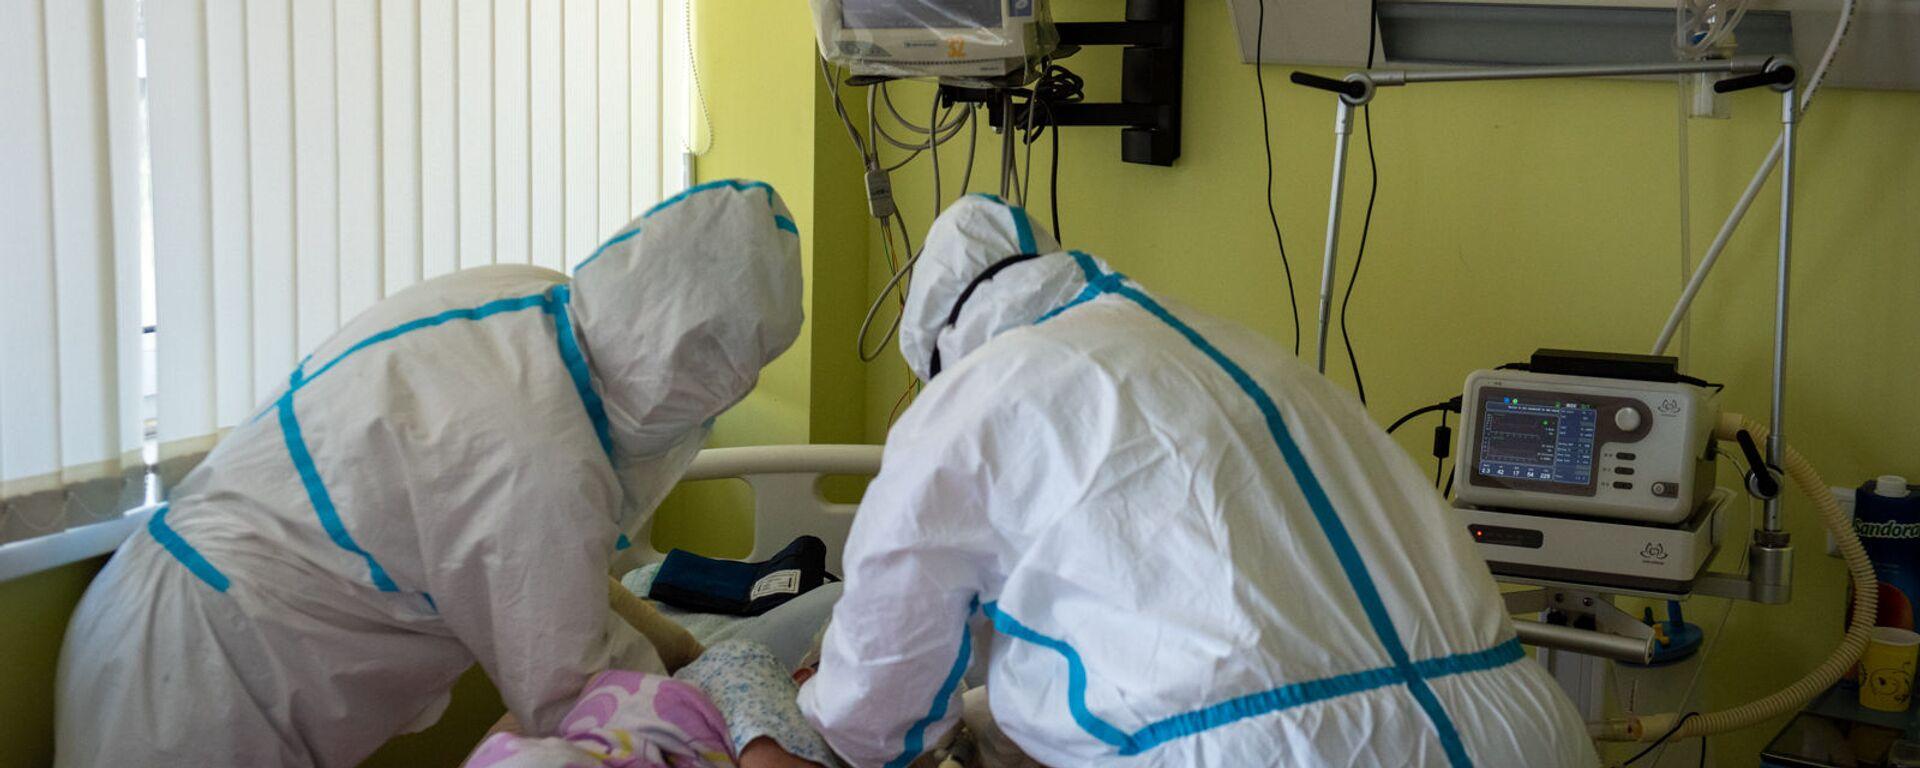 Медсестры ухаживают за пациентом в реанимации медцентра Арташат - Sputnik Արմենիա, 1920, 31.08.2021